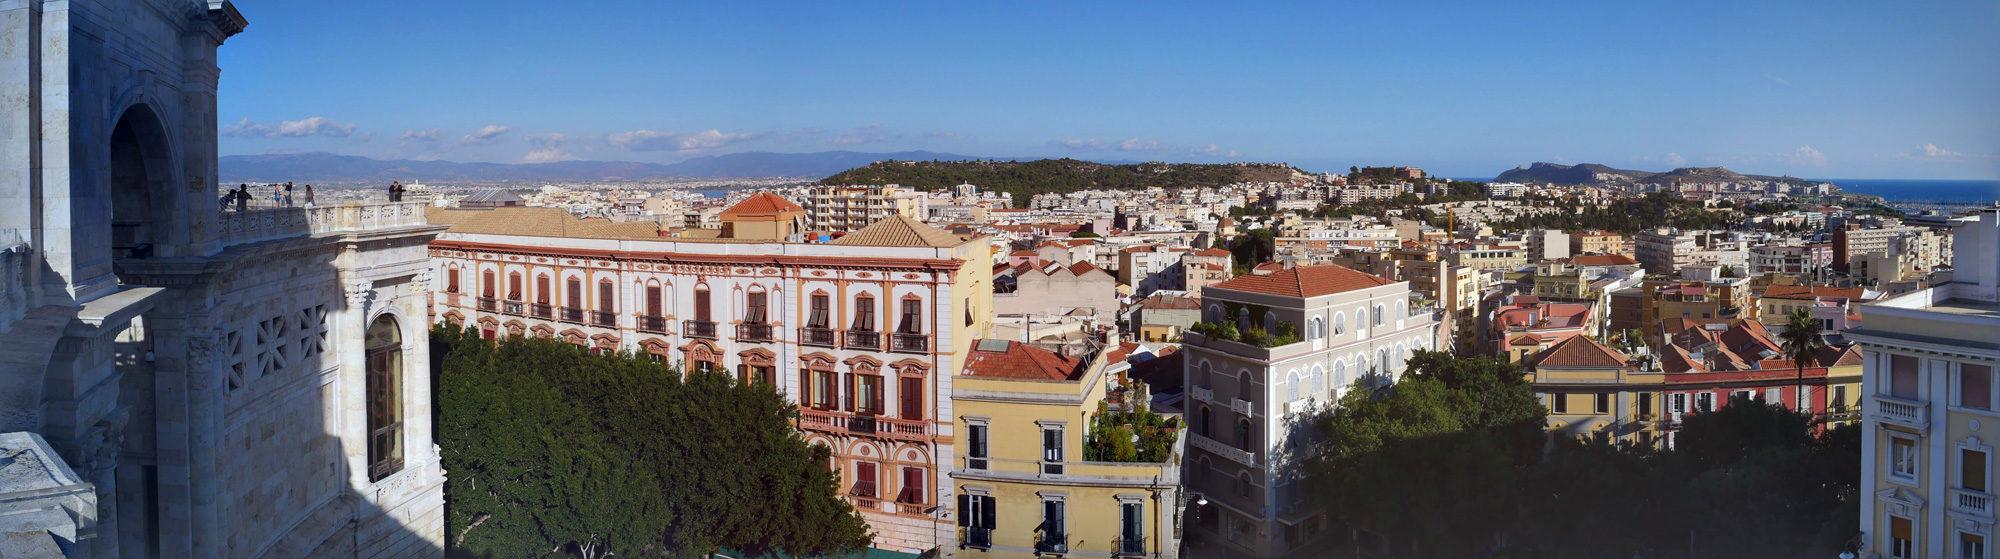 Über den Dächern von Cagliari